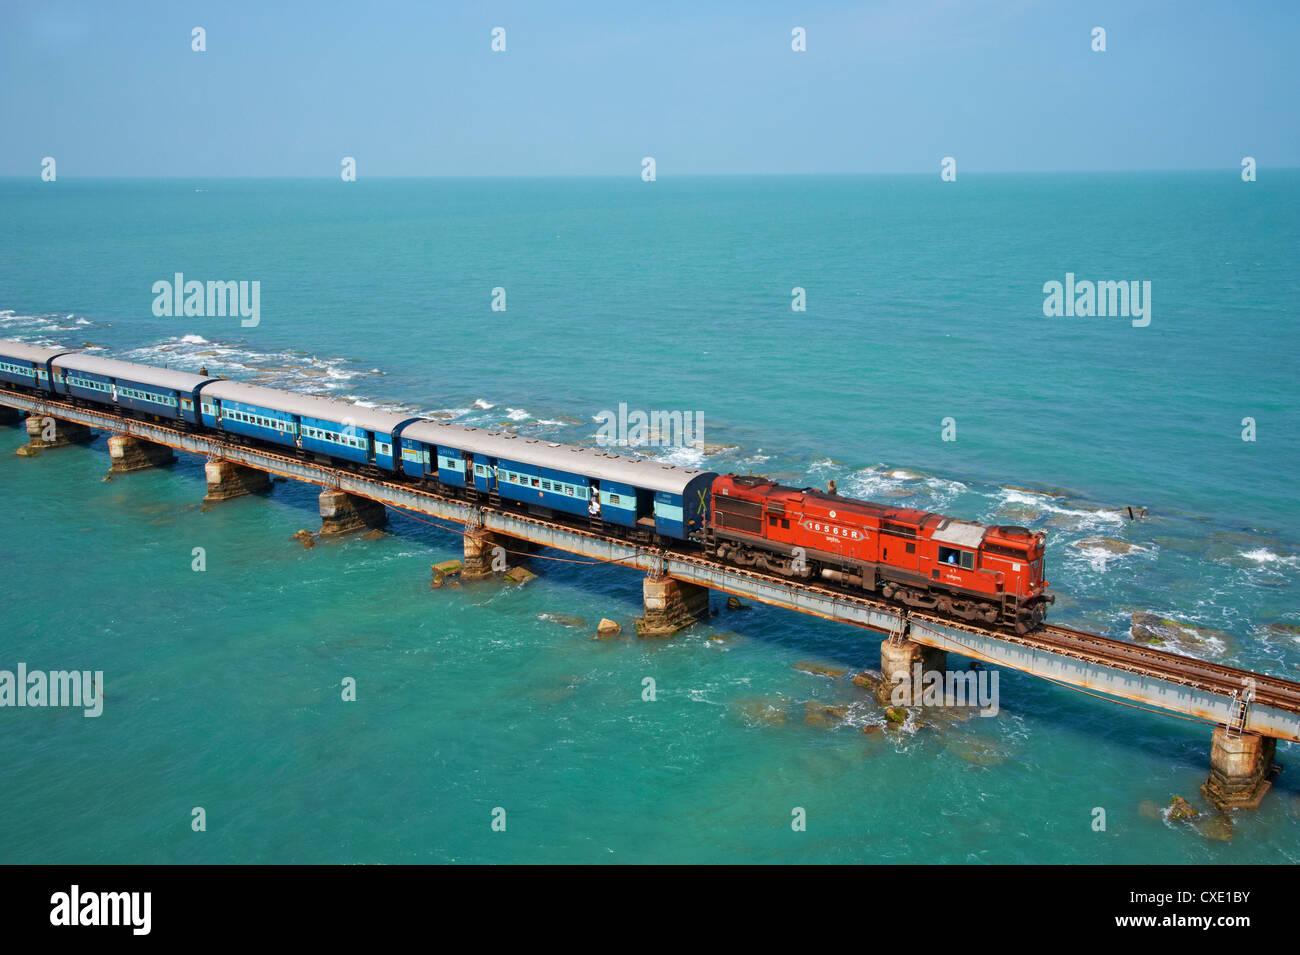 Trainieren der Brücke zur Insel Rameswaram, Rameswaram, Tamil Nadu, Indien, Asien Stockbild